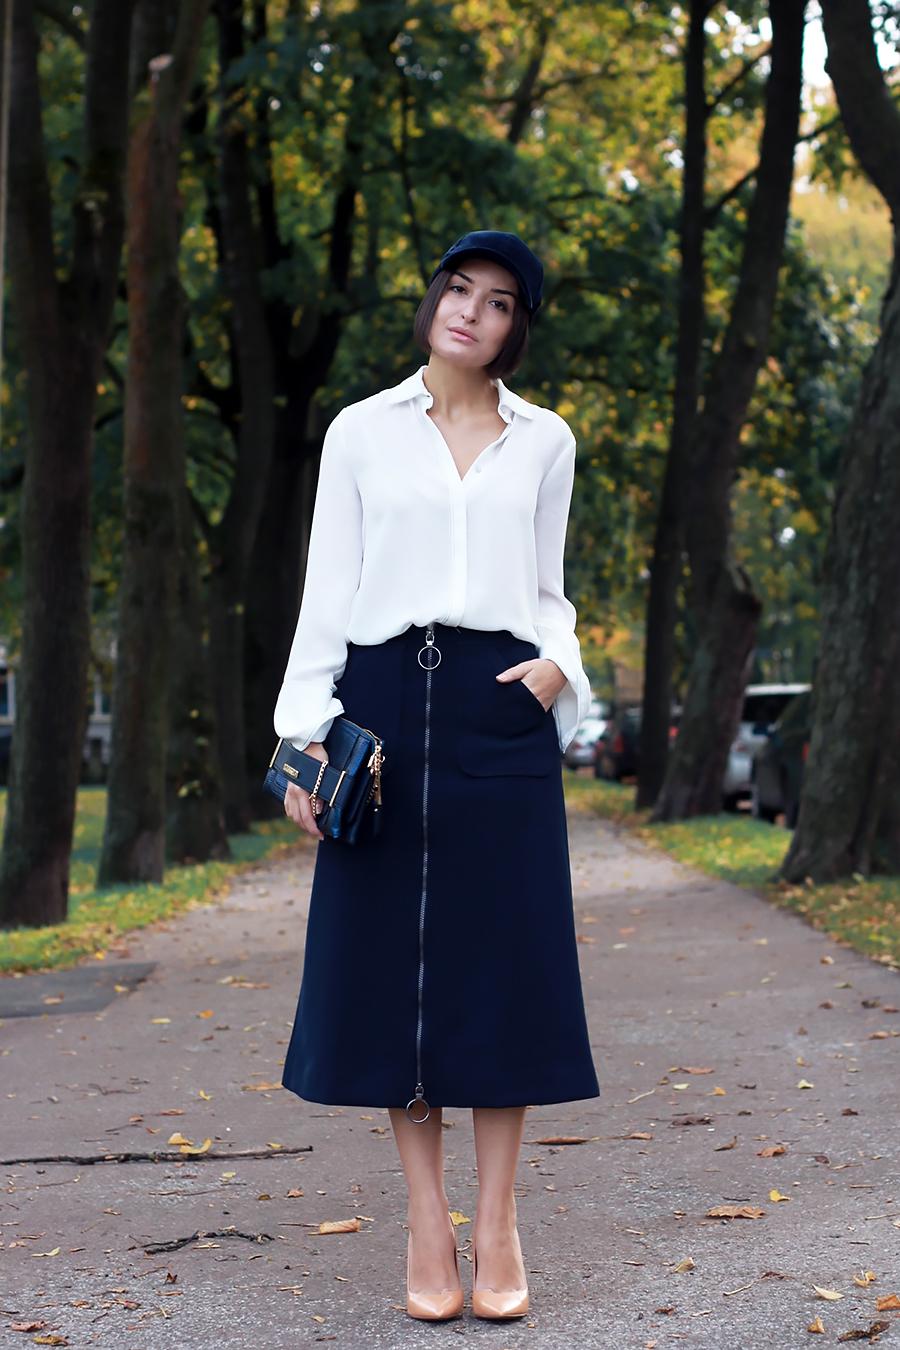 blue-outfit-cap-5